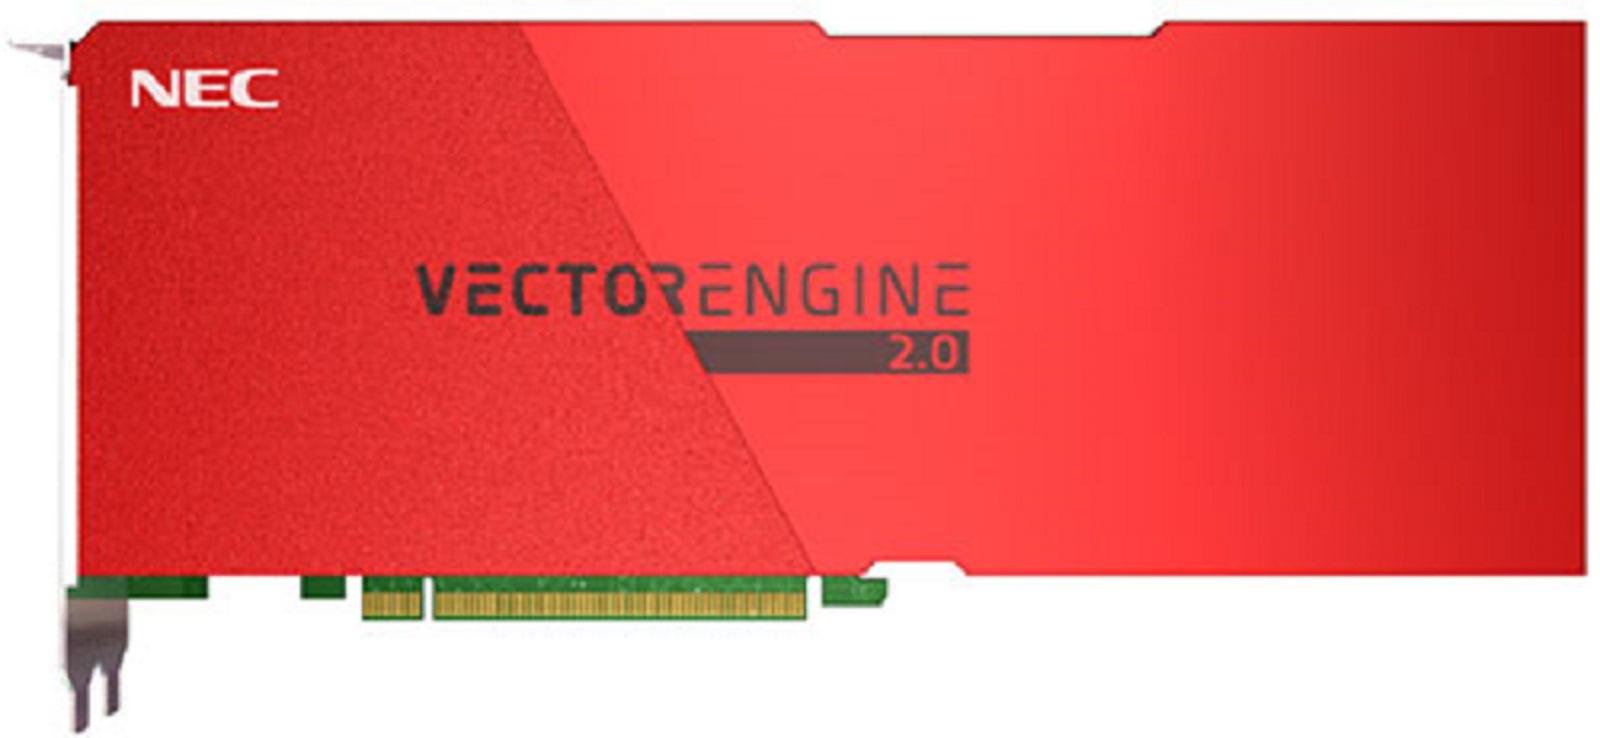 NECがベクトル型スパコンのエンジンを販売開始、目標は累計で100億円 - ニュース:日経クロステック Active